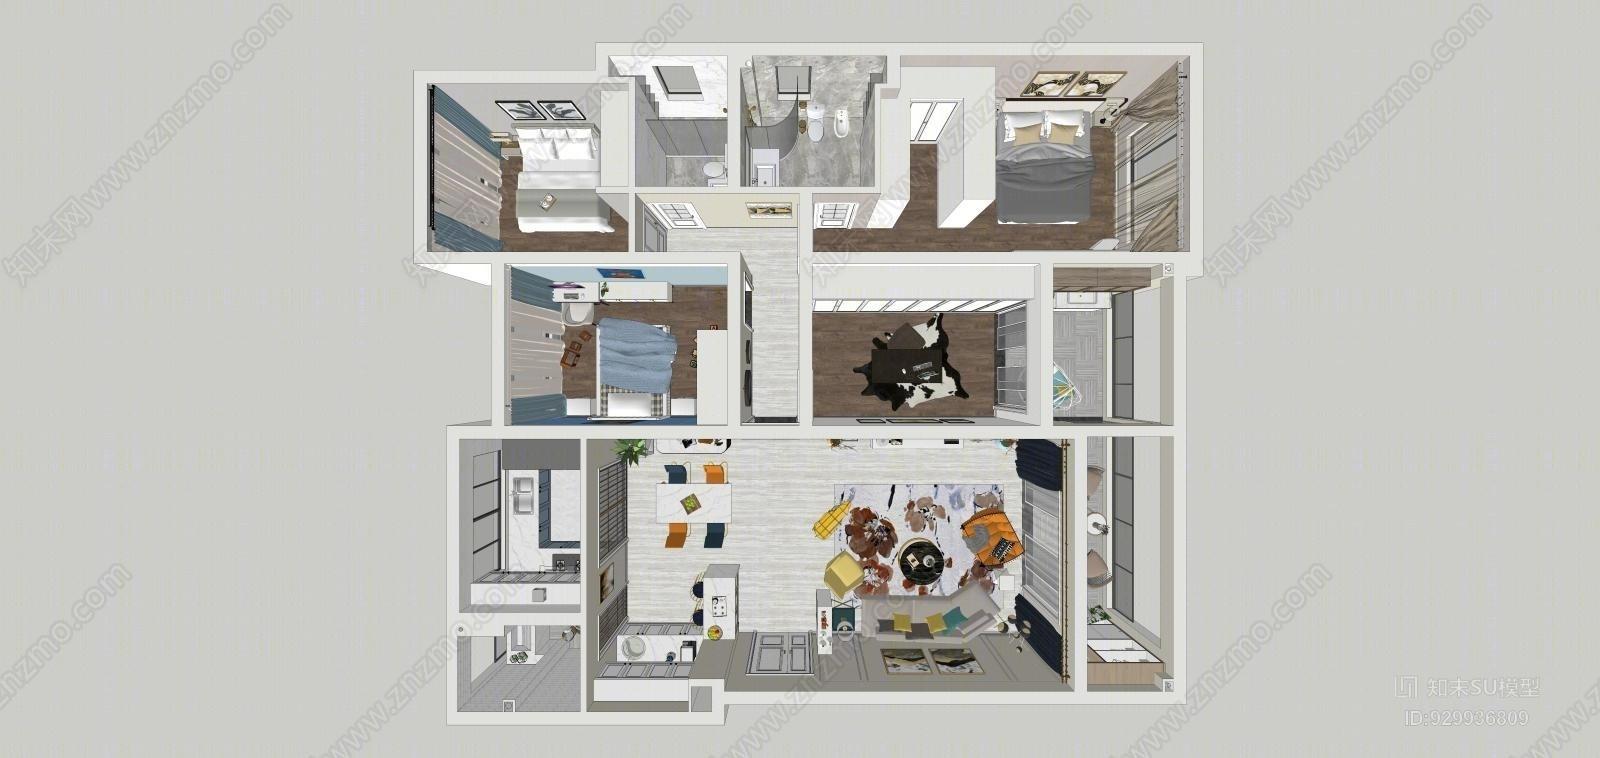 轻奢 现代 书房 儿童房 三室一厅一书房 全套精细方案